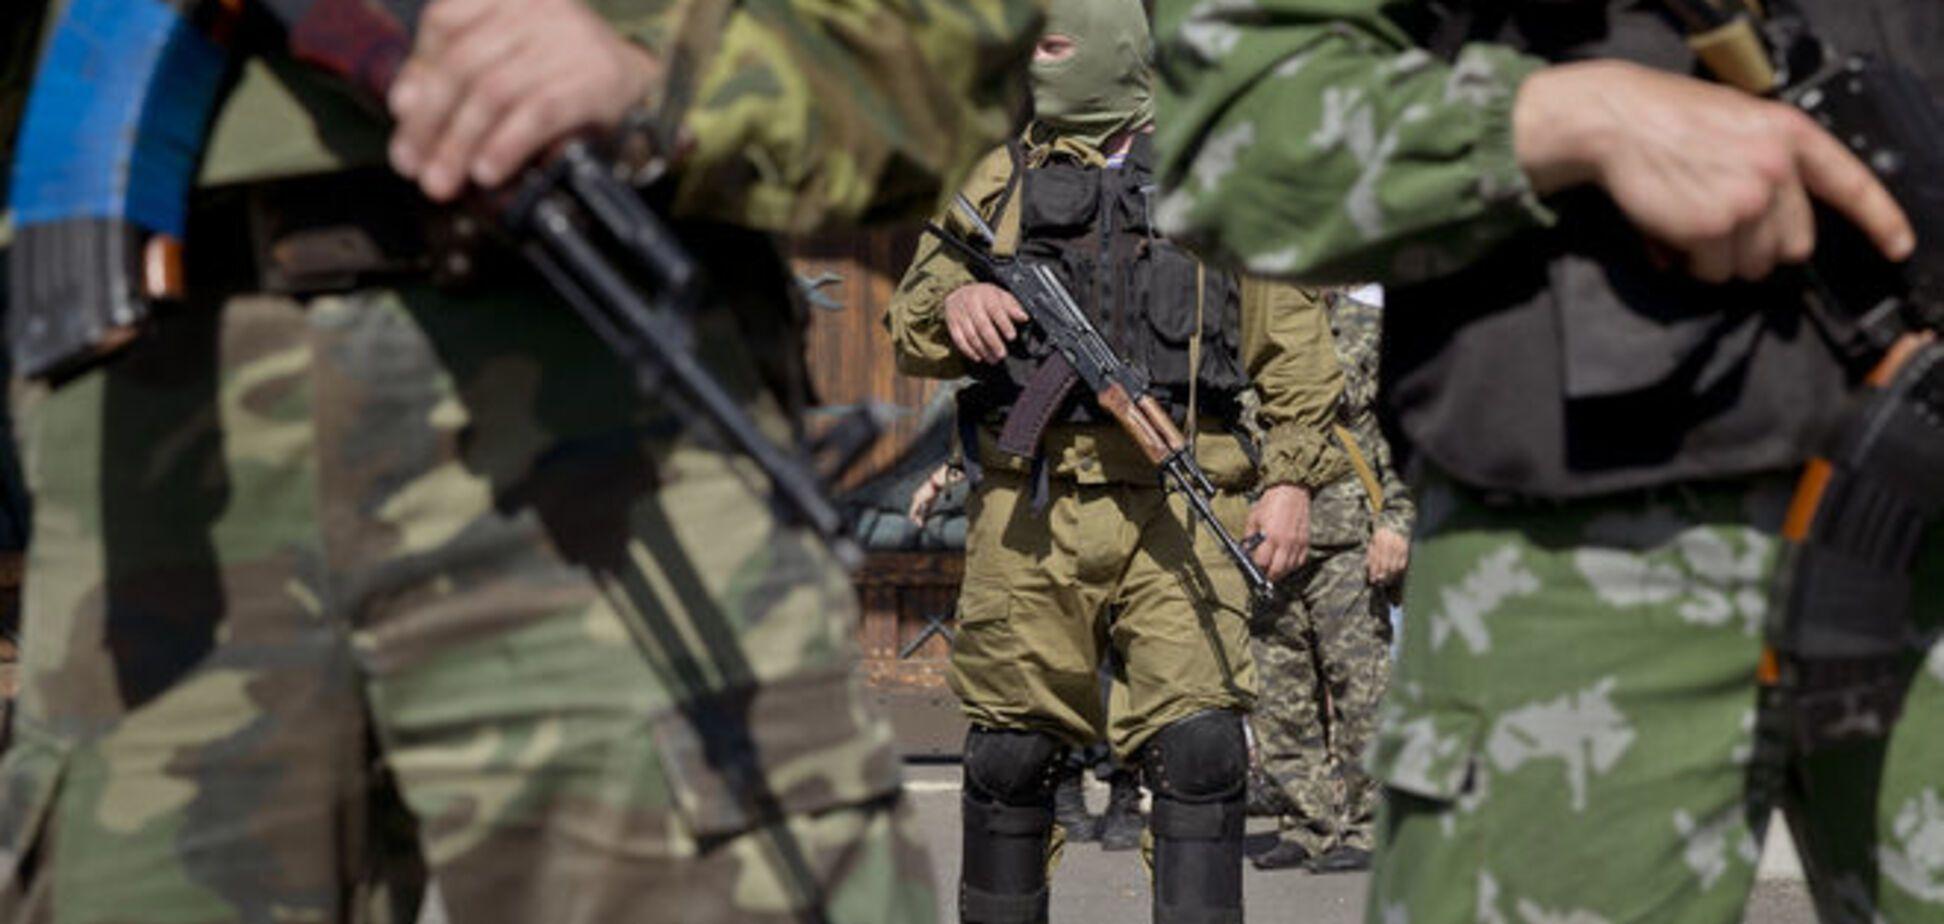 Террористам поставлена задача брать в плен бойцов АТО - Тымчук